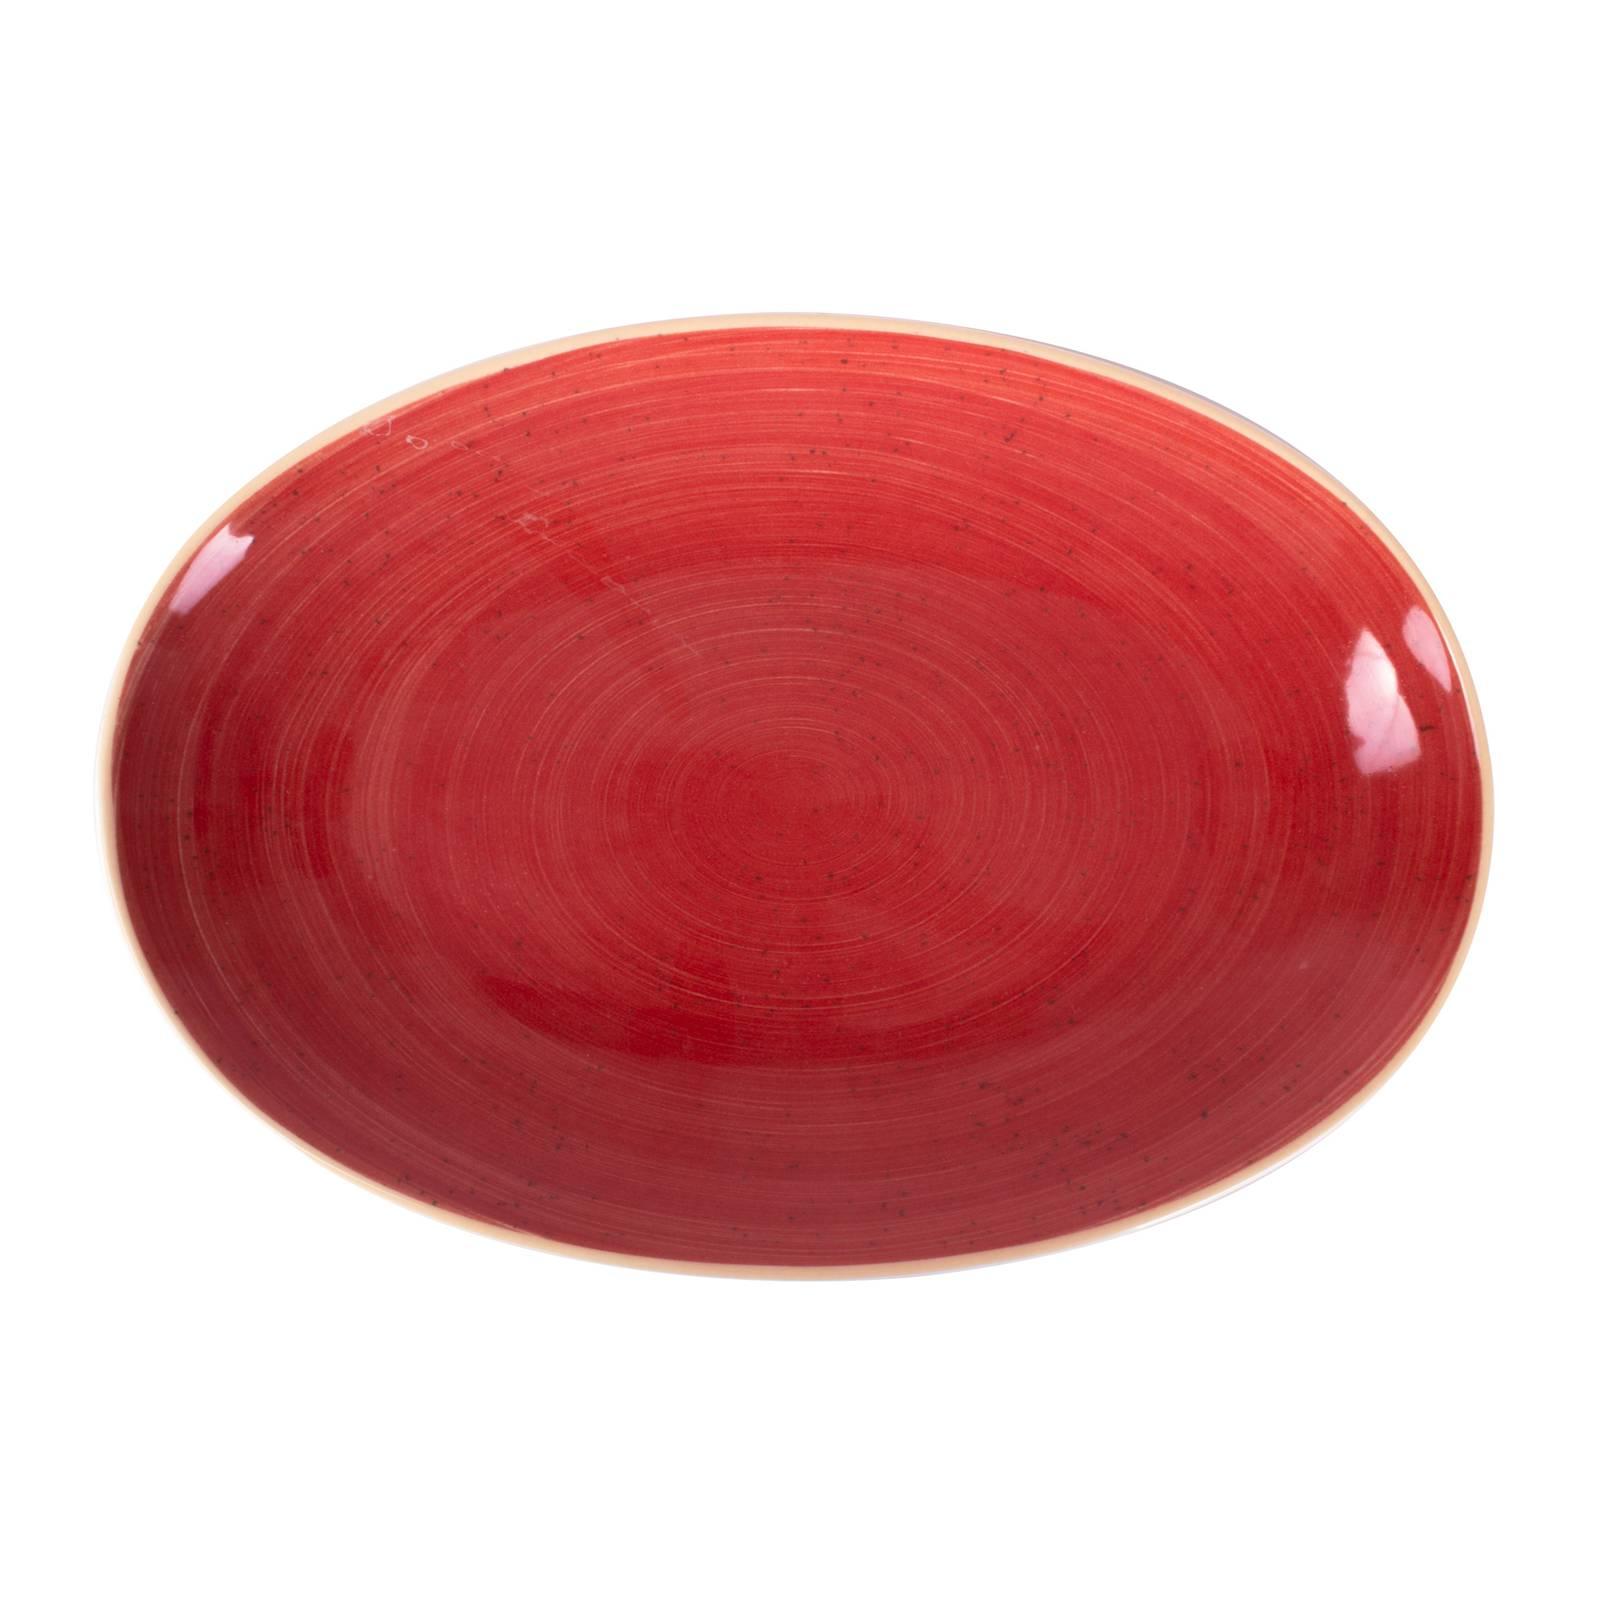 Porcelánová oválná servírovací mísa Terra Red Coupe 32 cm ARIANE